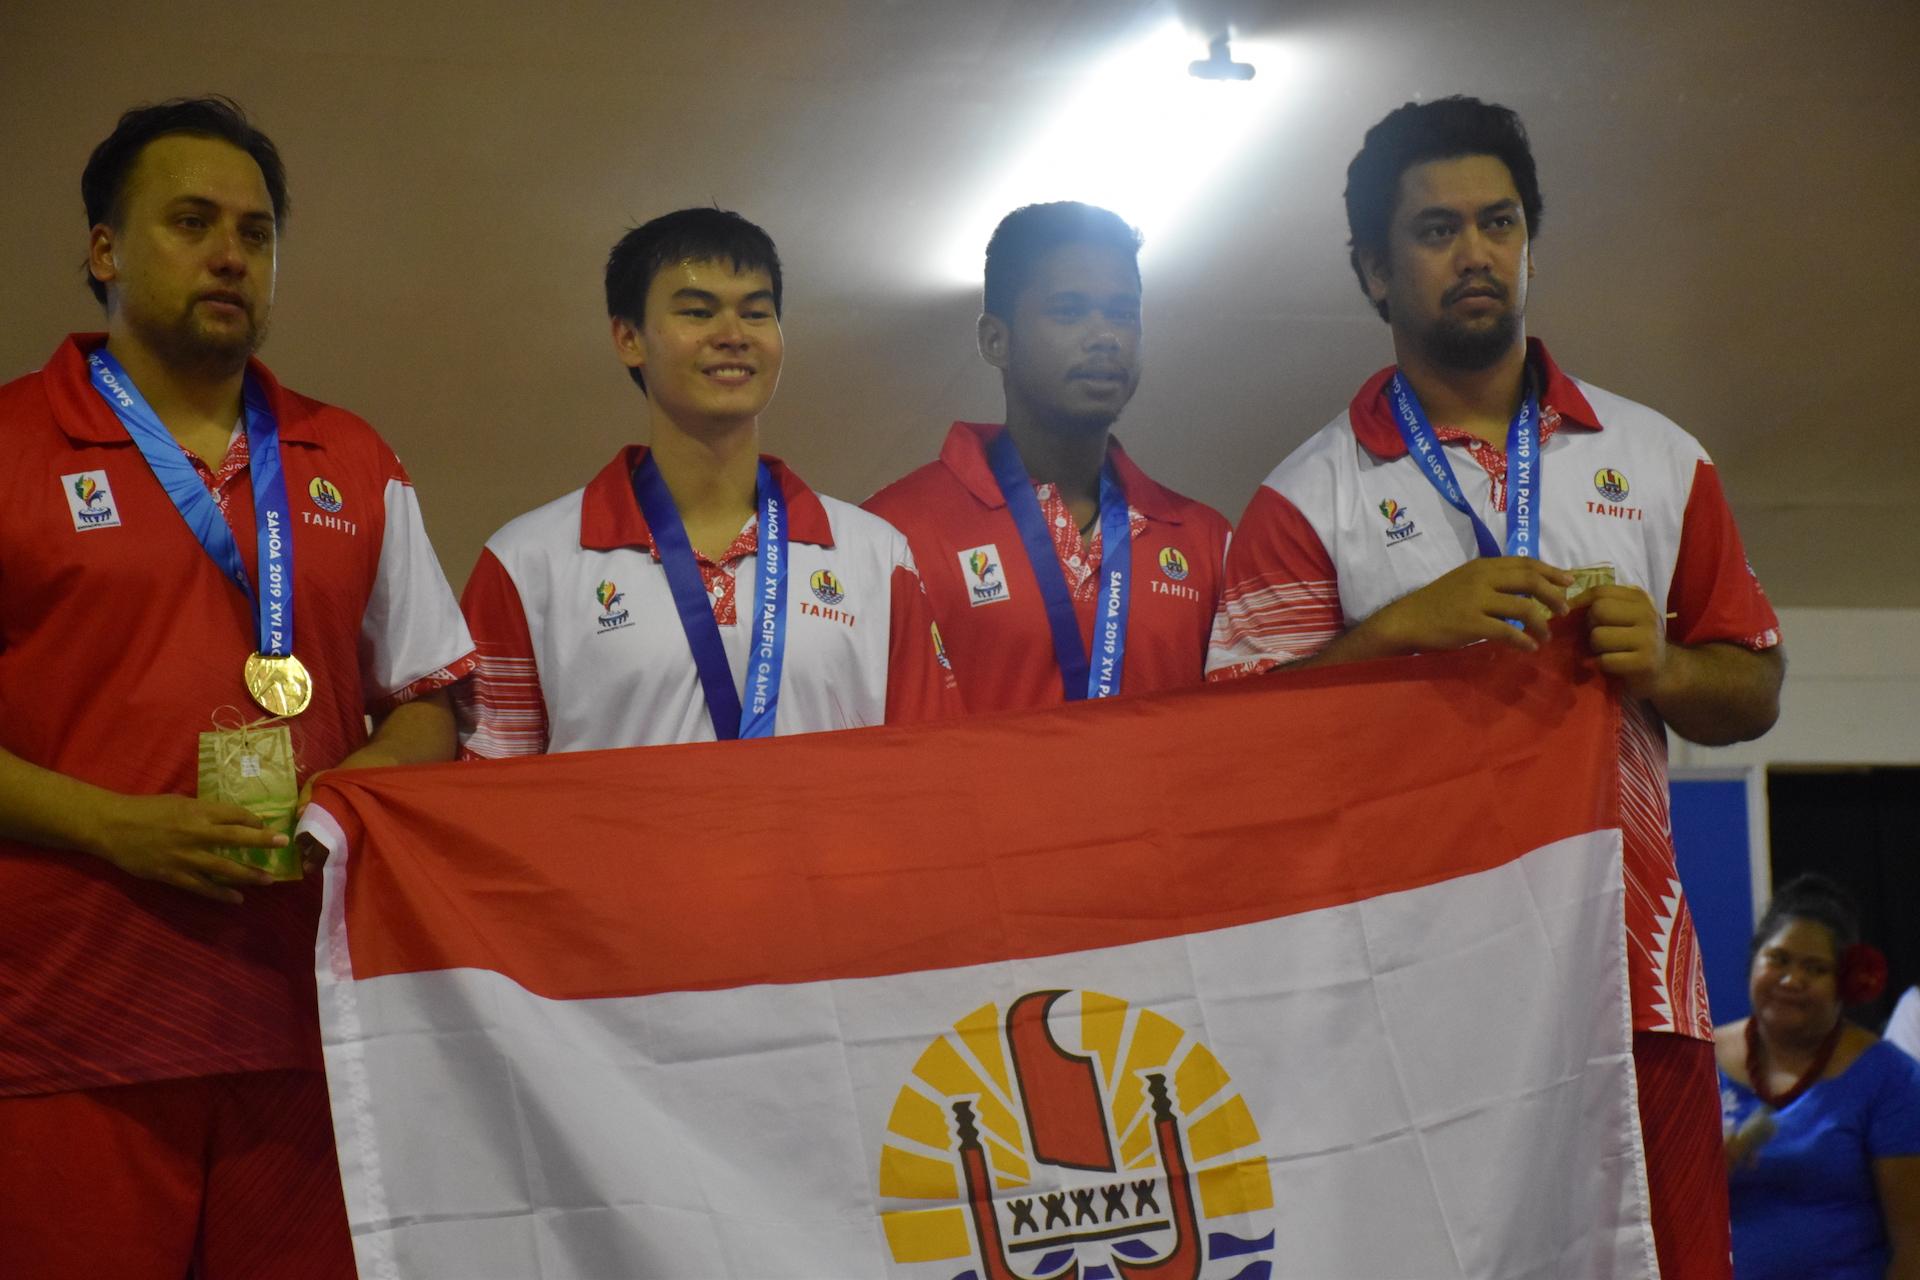 (de gauche à droite) Yvan Perromat, Kenji Hotan, Océan Belrose et Matahi Tarano représentent Tahiti en tennis de table pour ces XVIe Jeux du Pacifique.